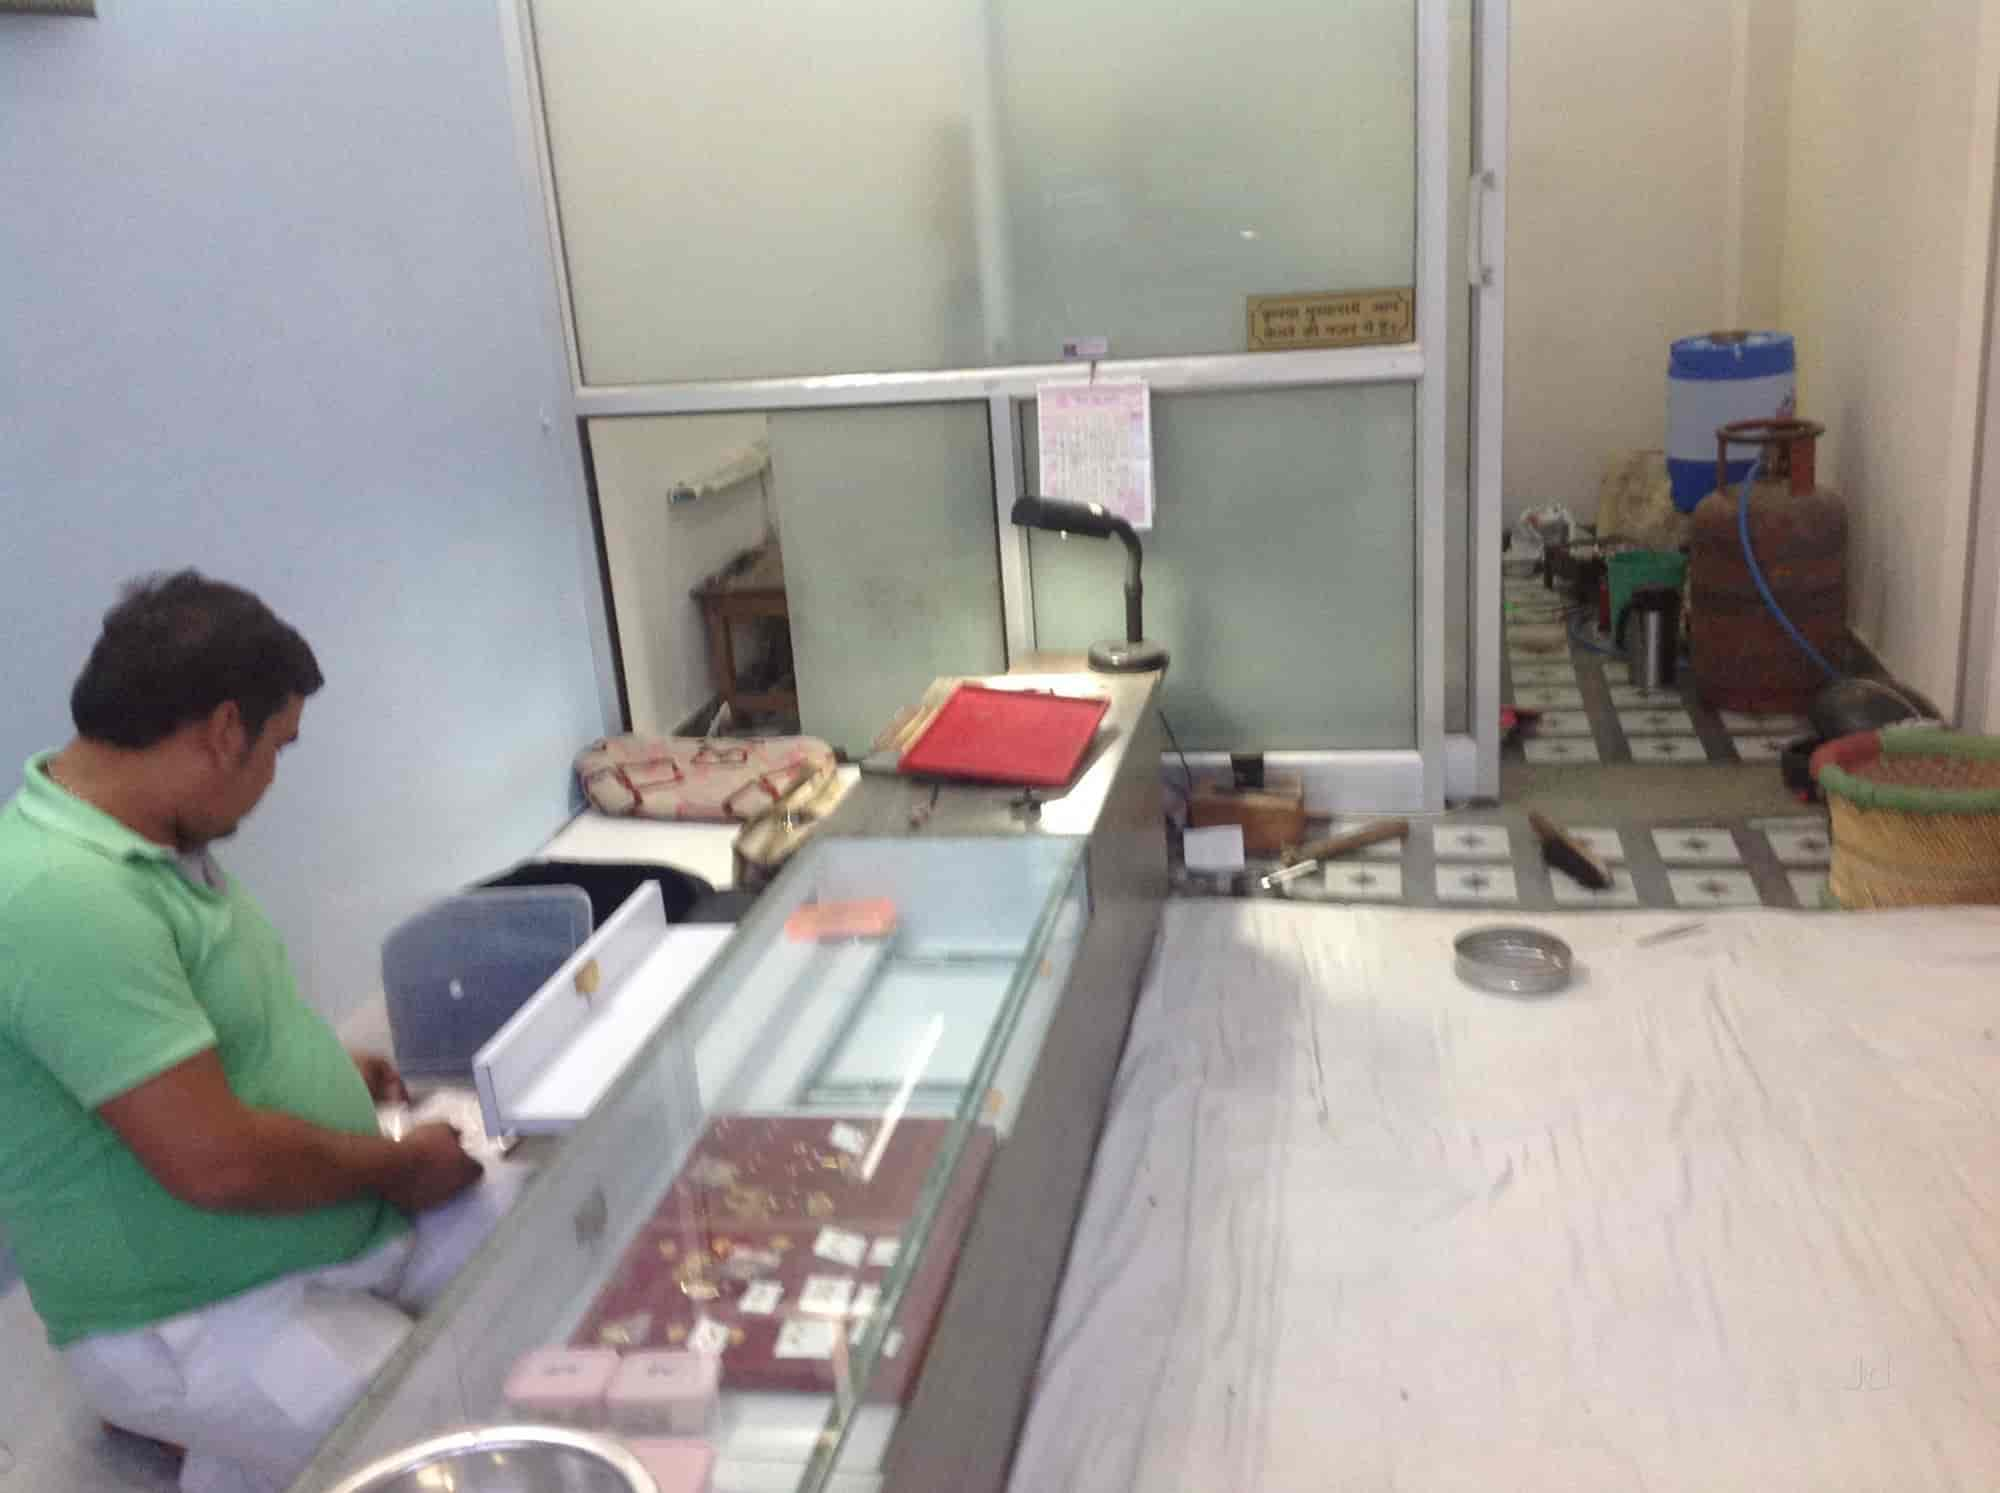 Ravi Jewellers, Jhotwara - Jewellery Showrooms in Jaipur - Justdial